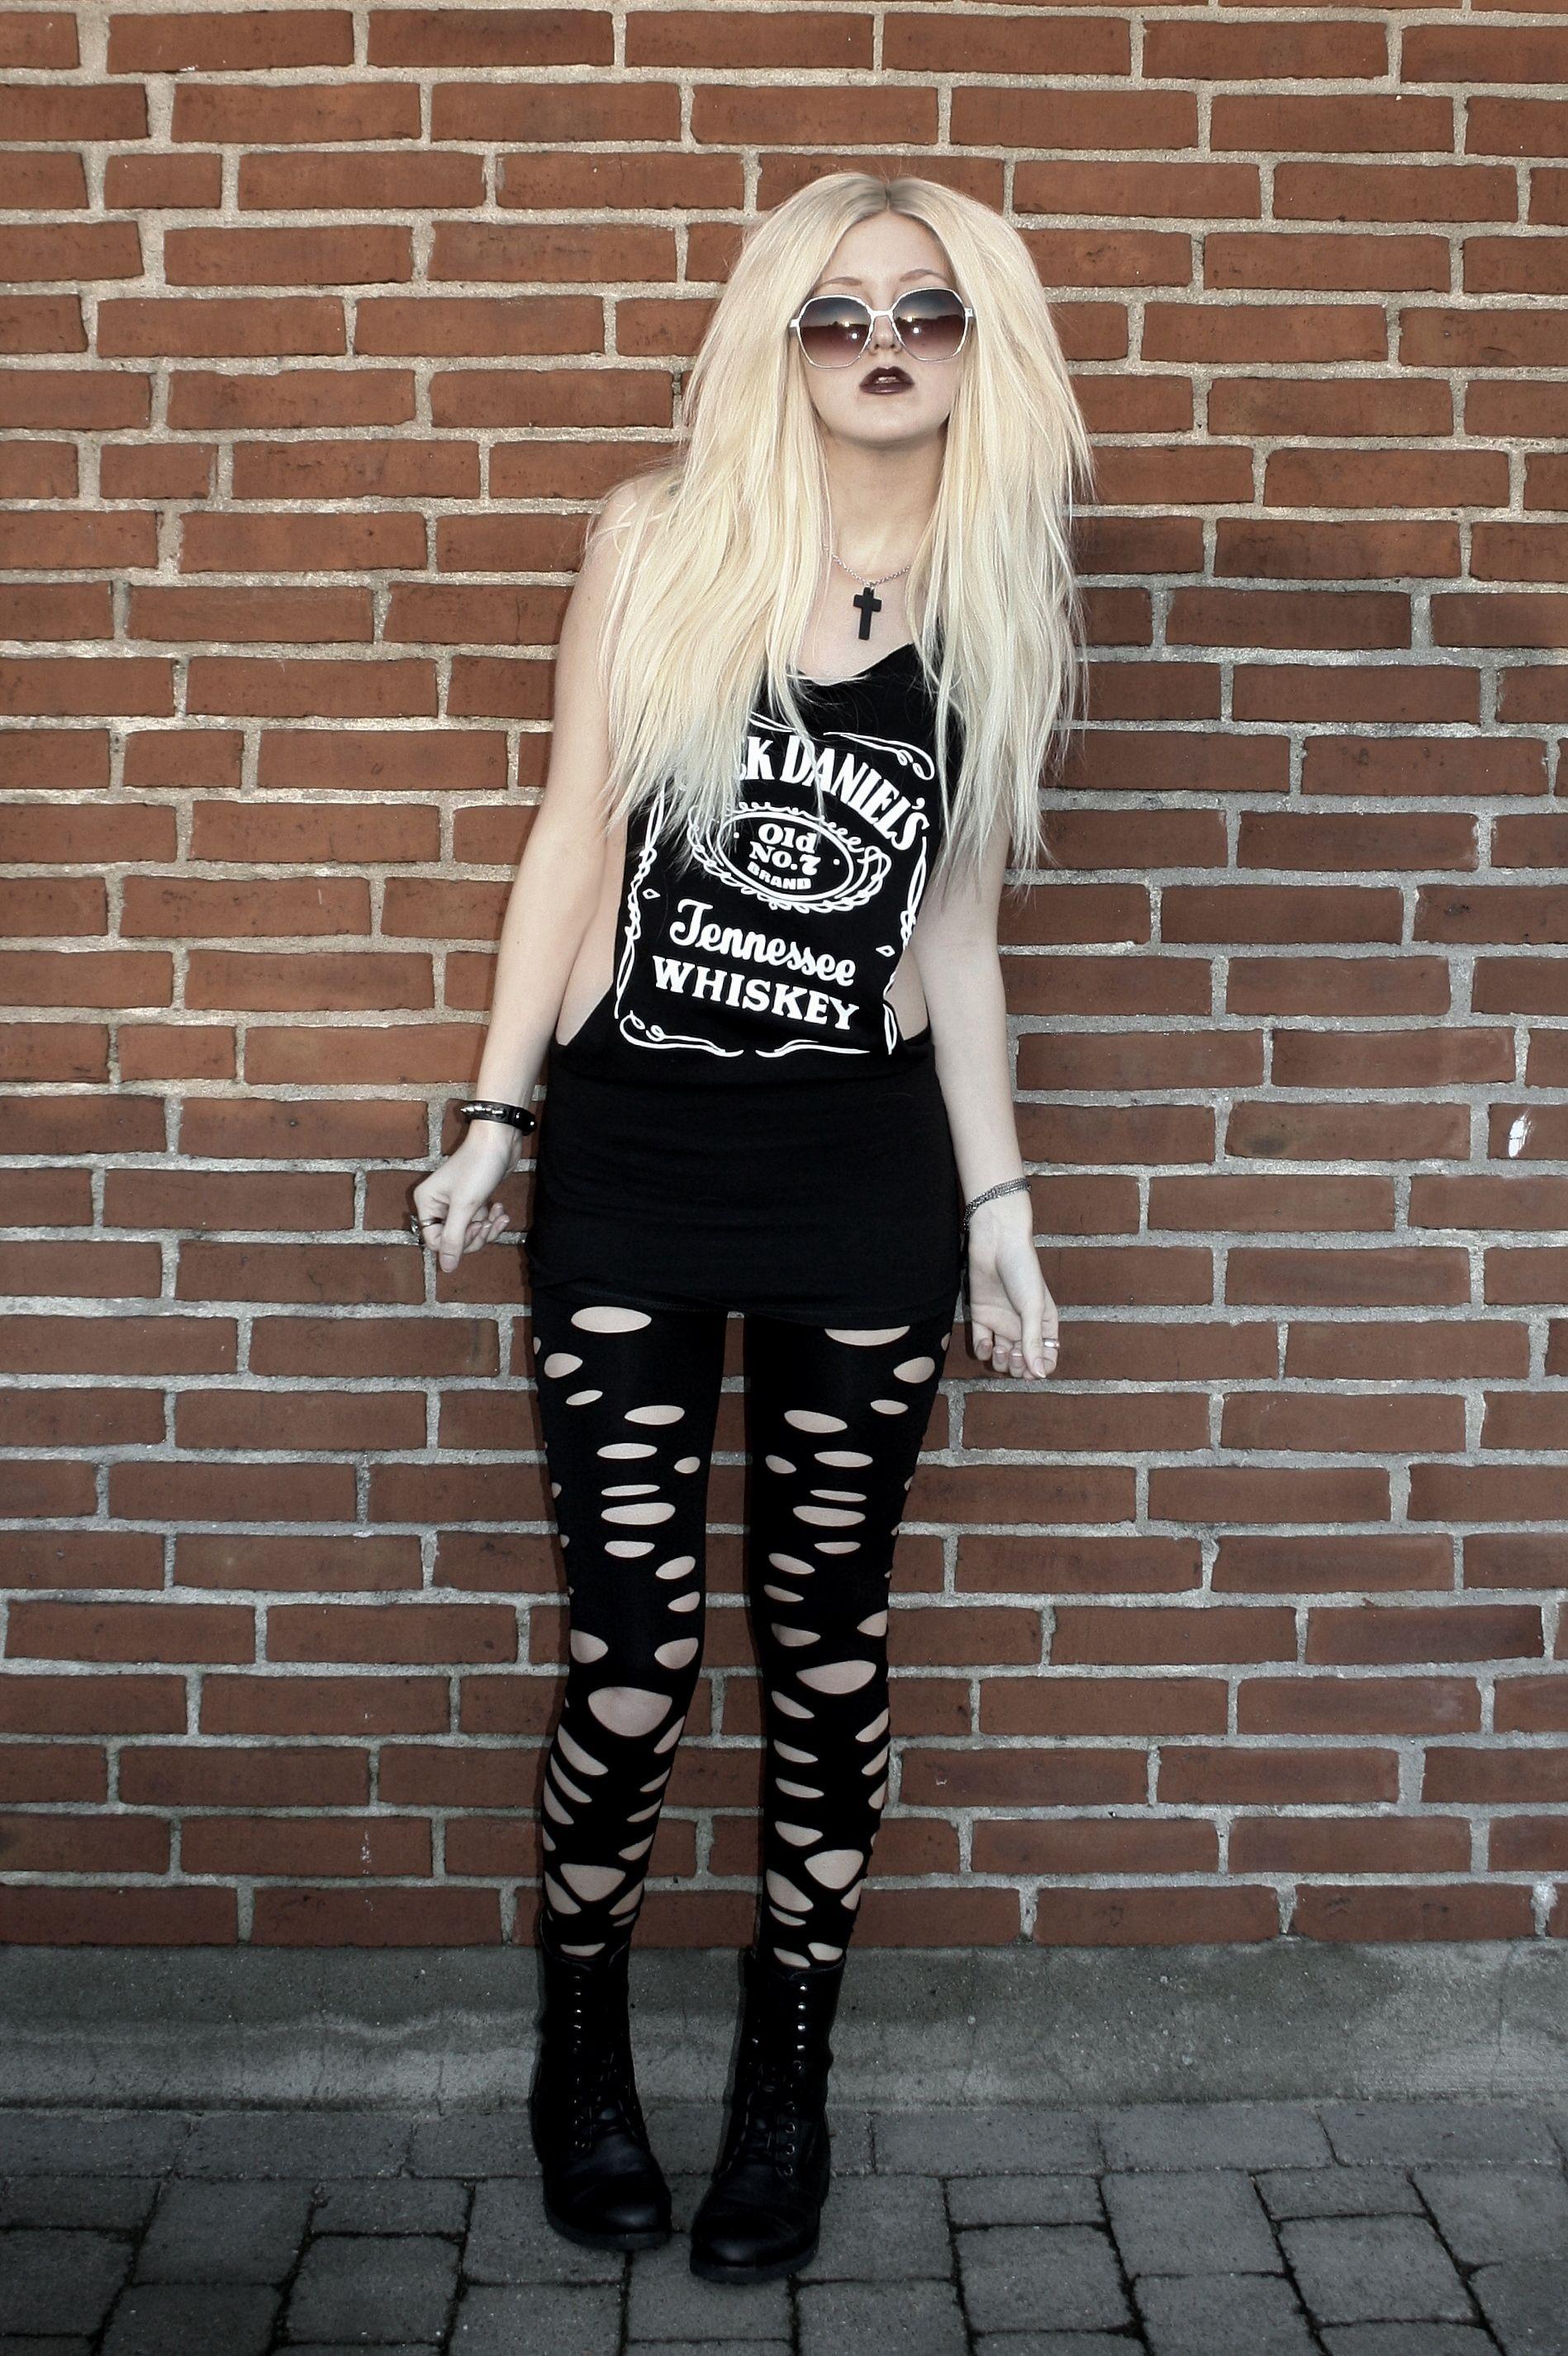 Kelly Louise Killjoy Alternative Clothing Fashion I